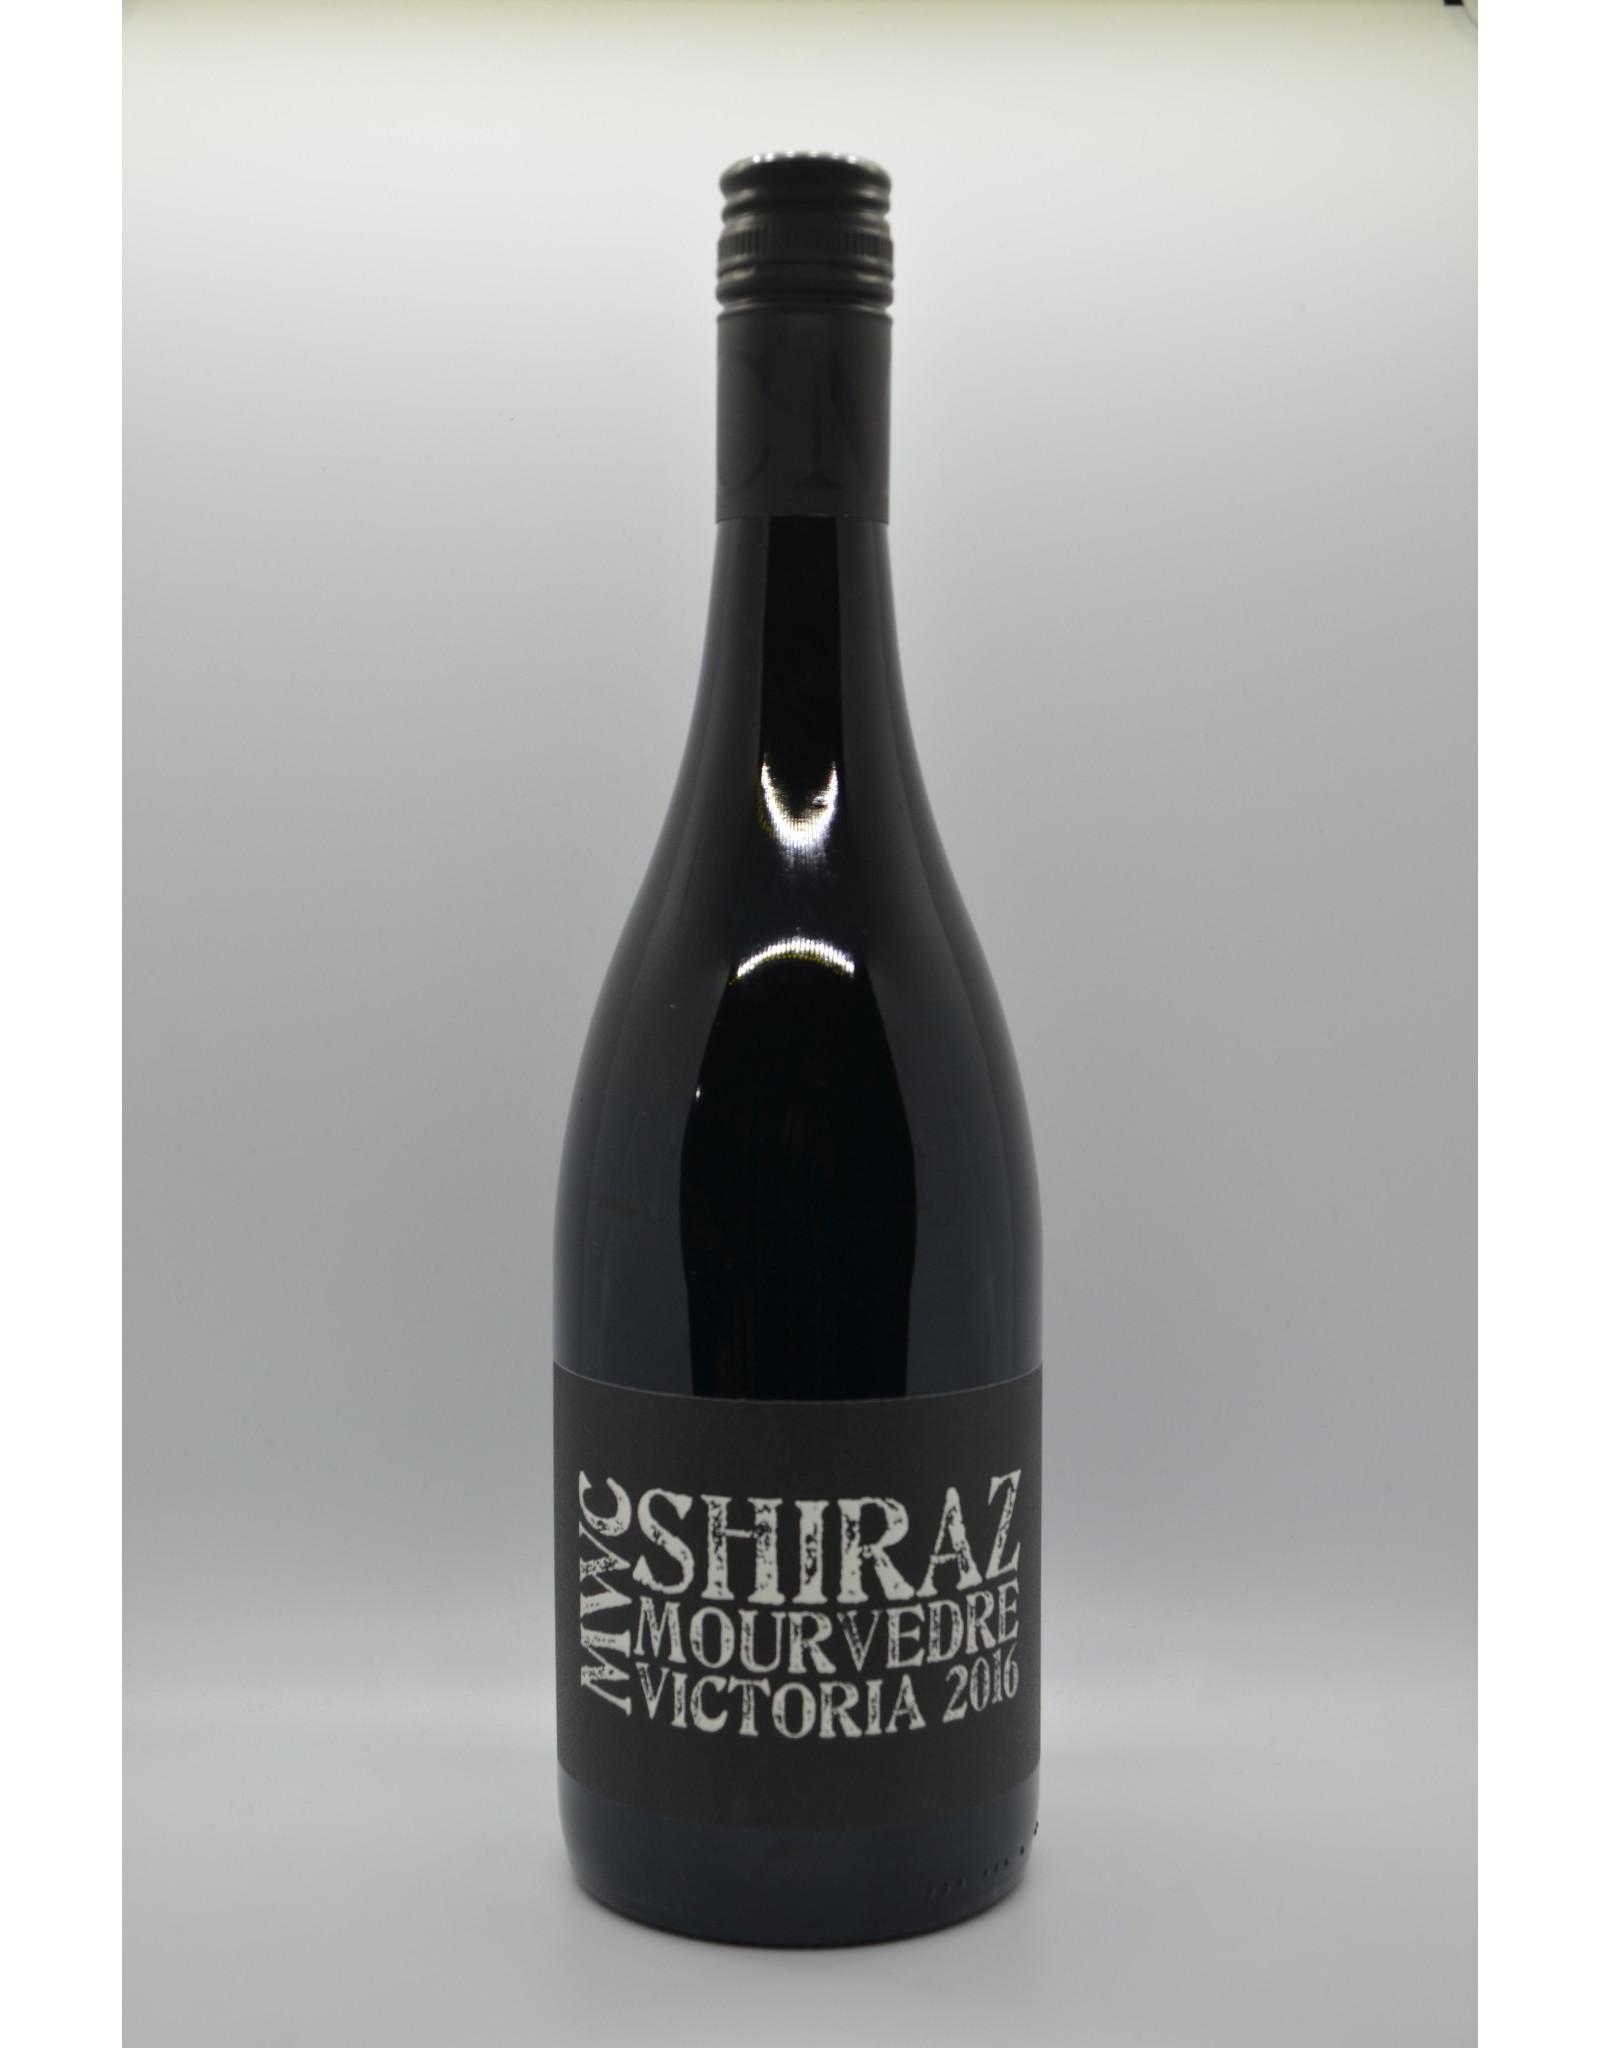 Australia MWC Shiraz Mourvedre